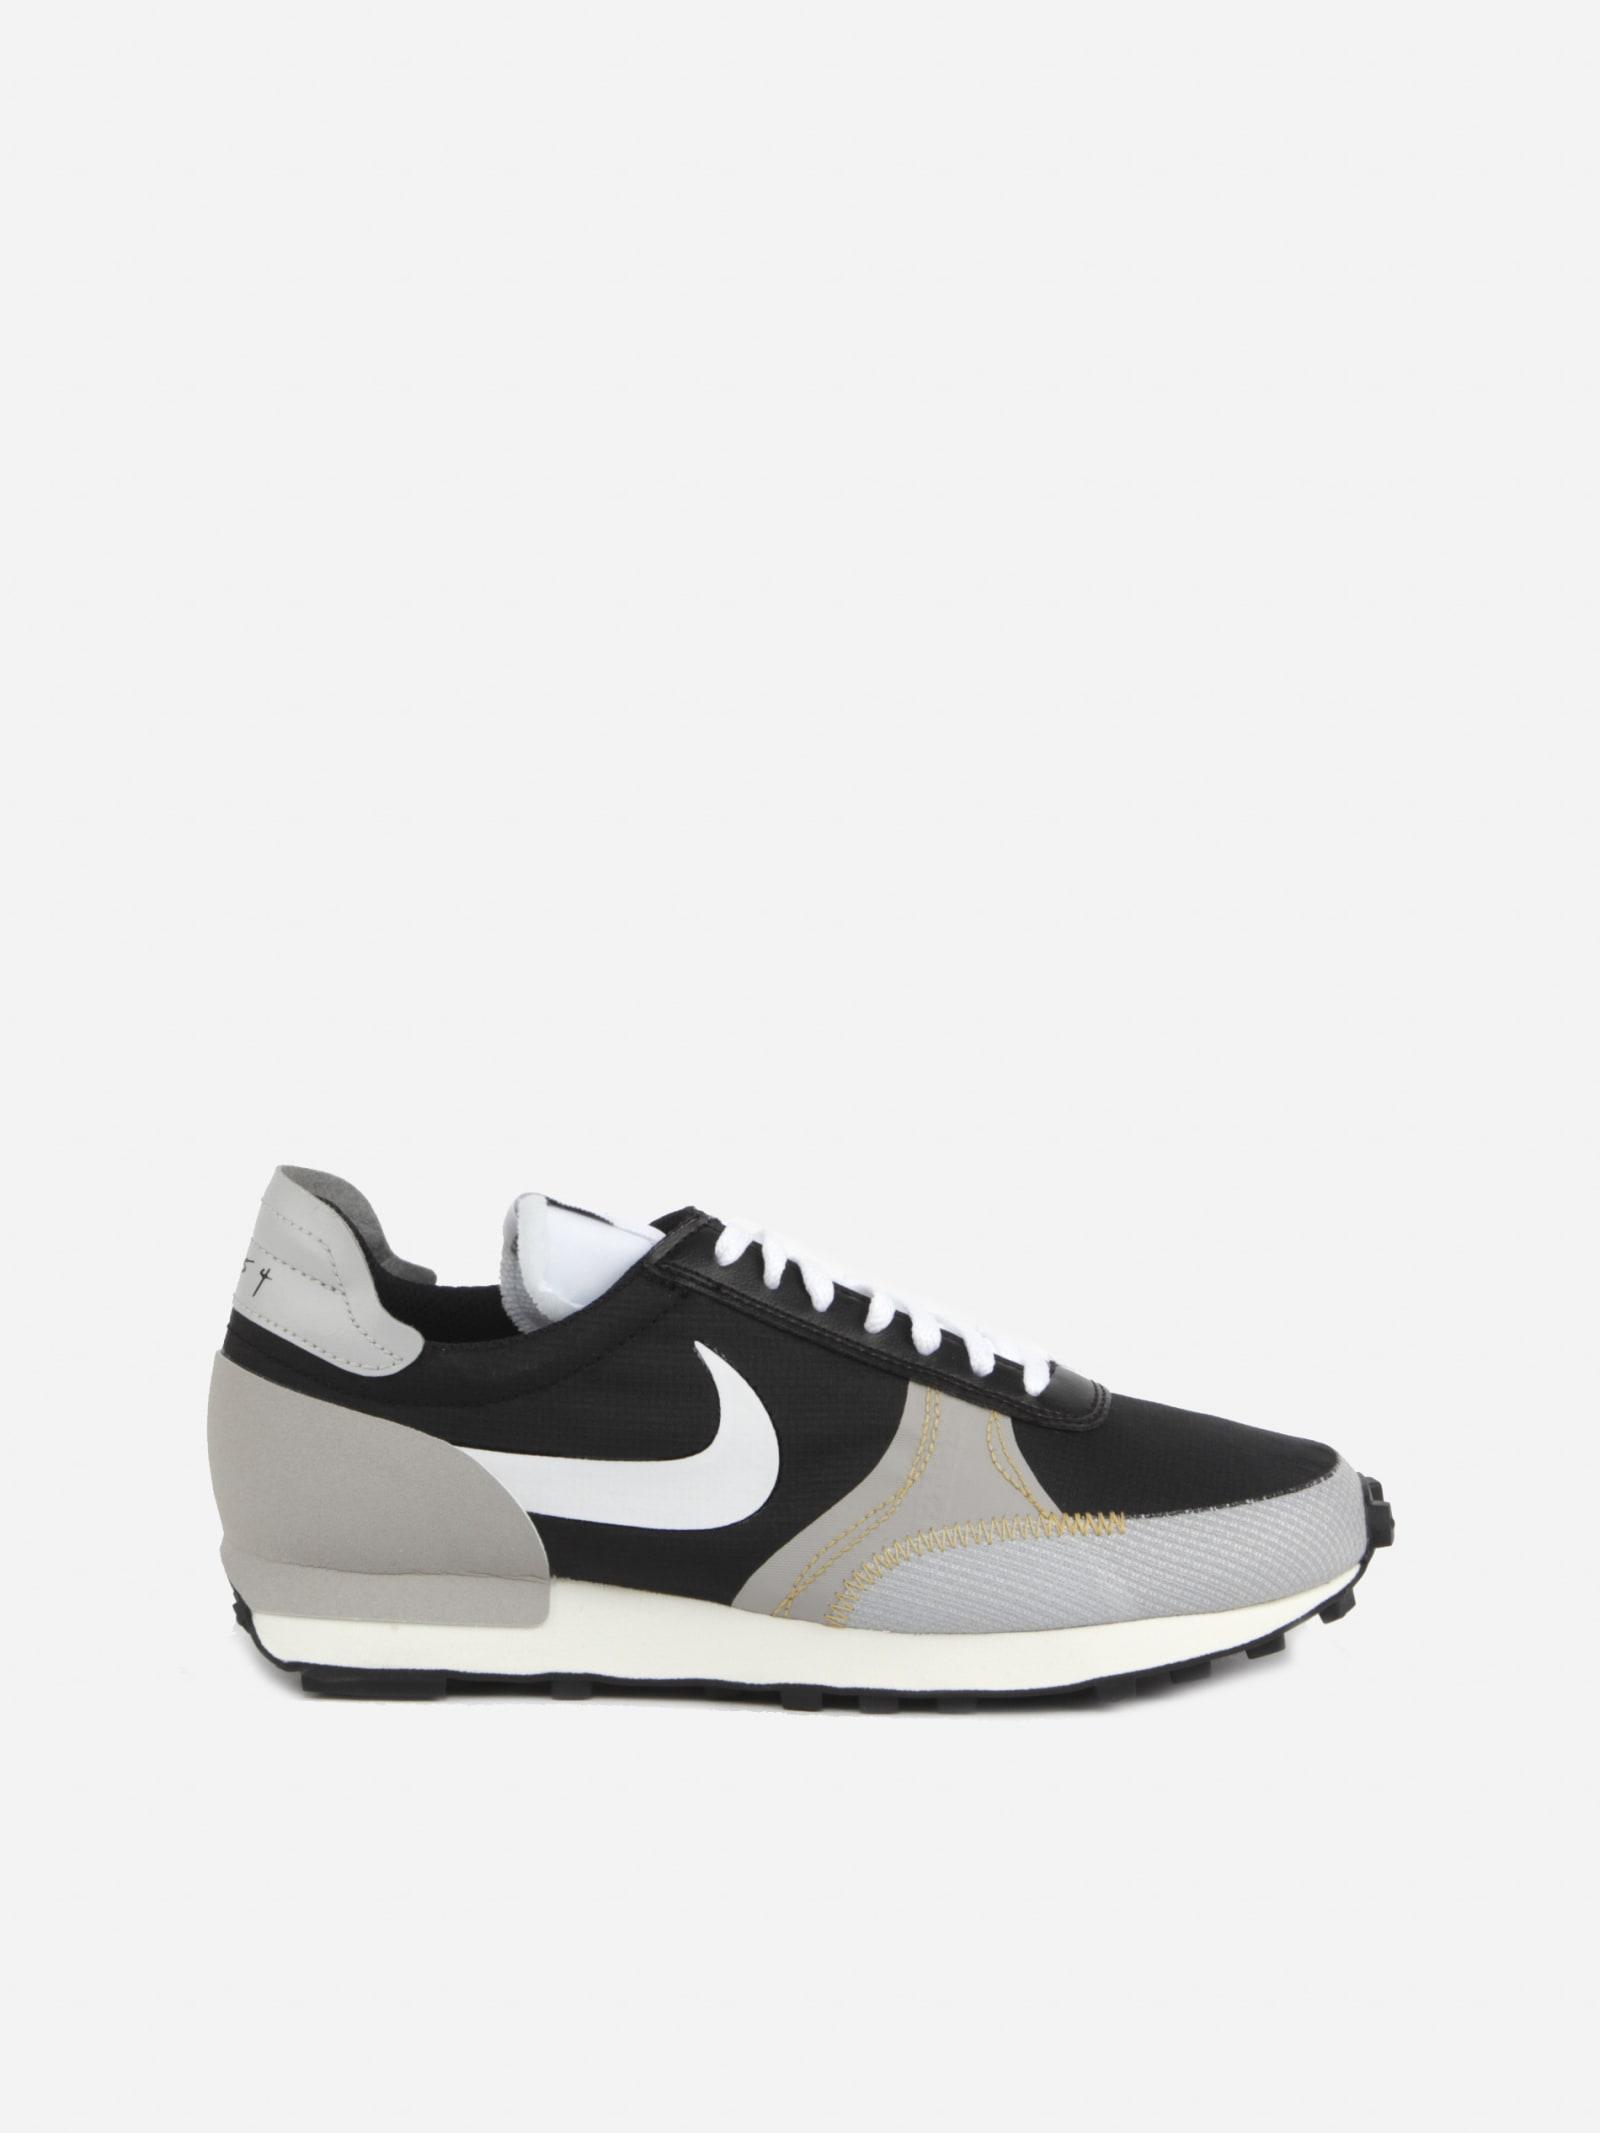 Nike Leathers DBREAK-TYPE SE SNEAKERS